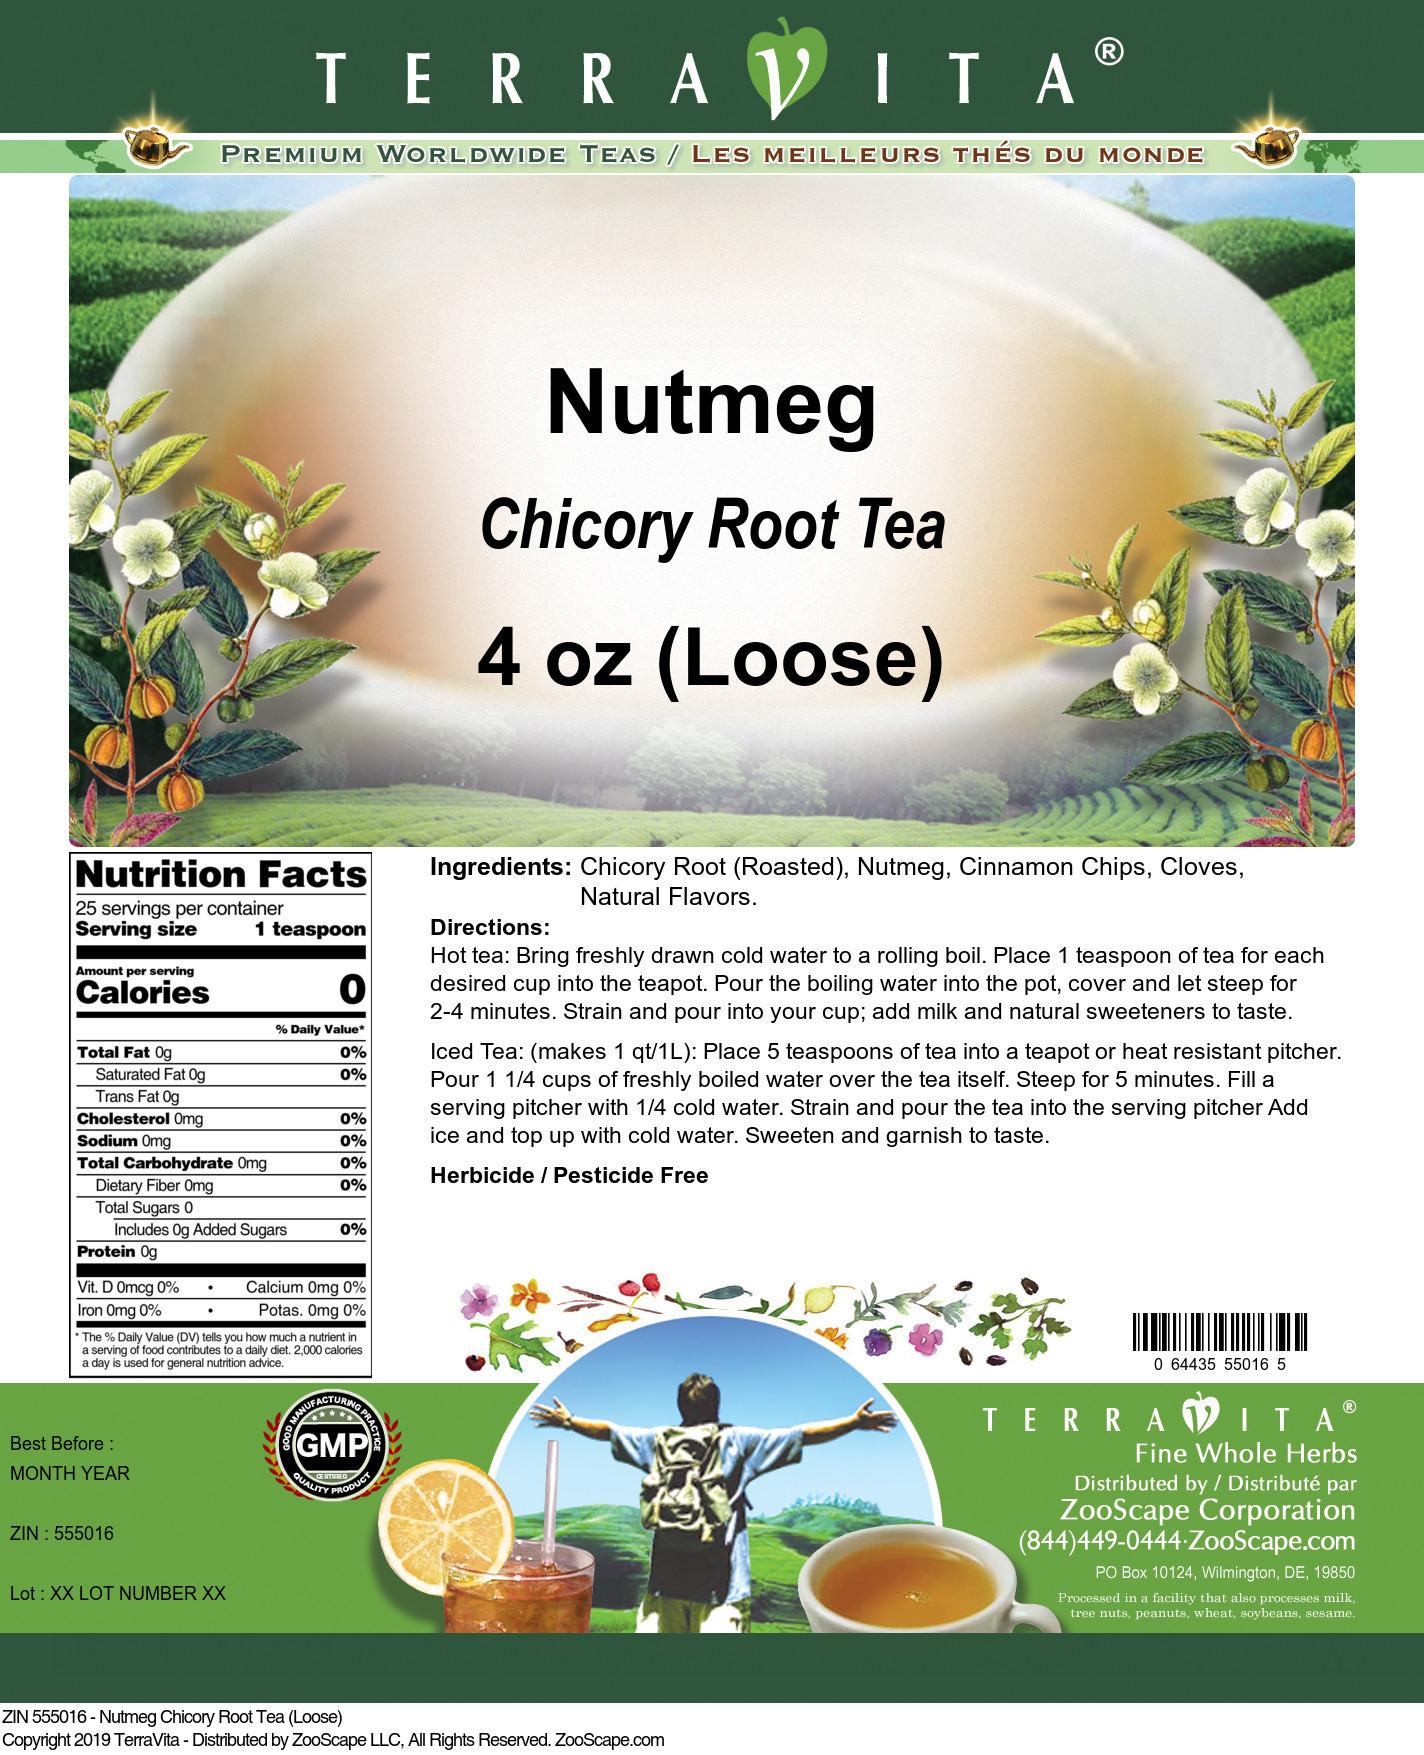 Nutmeg Chicory Root Tea (Loose)